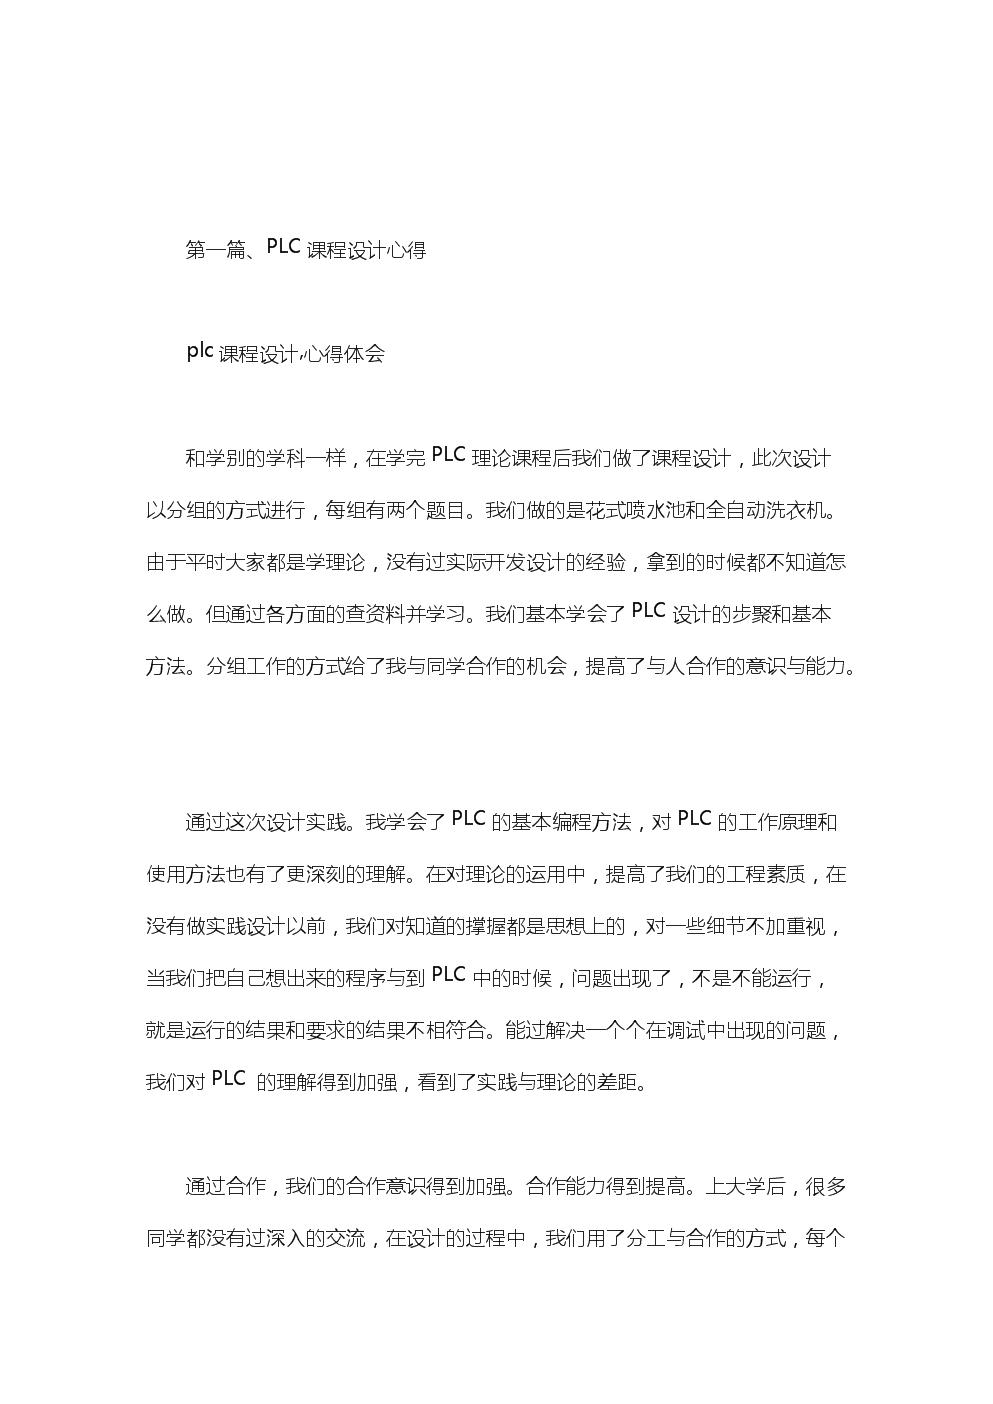 plc课程设计,心得体会.doc